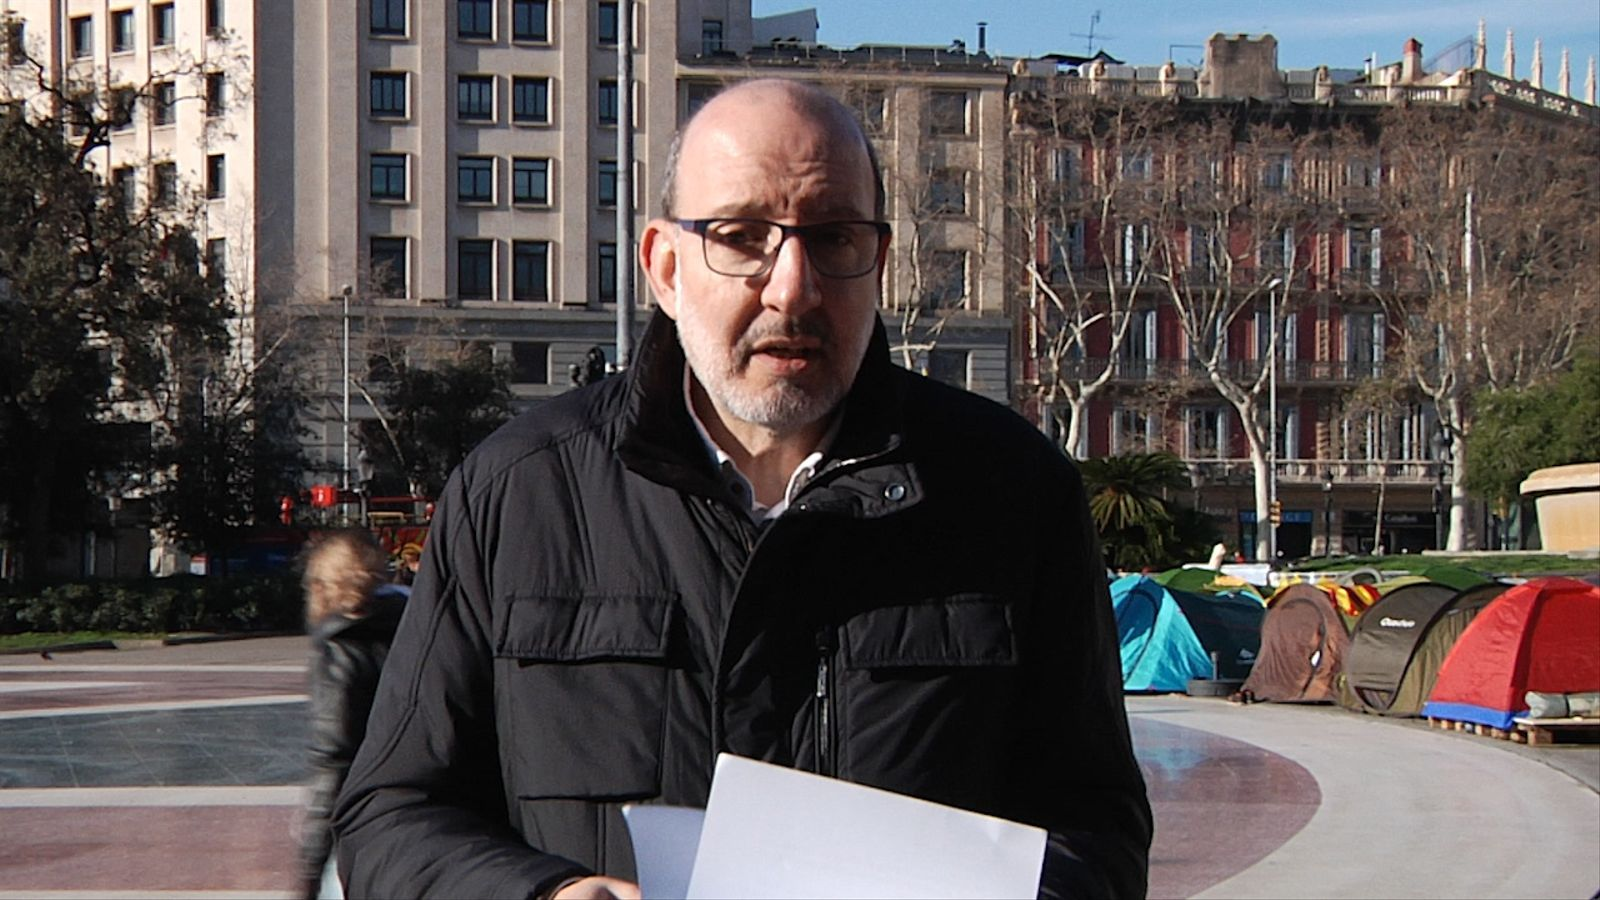 L'anàlisi d'Antoni Bassas: 'Acampats a plaça Catalunya, esperant la investidura'